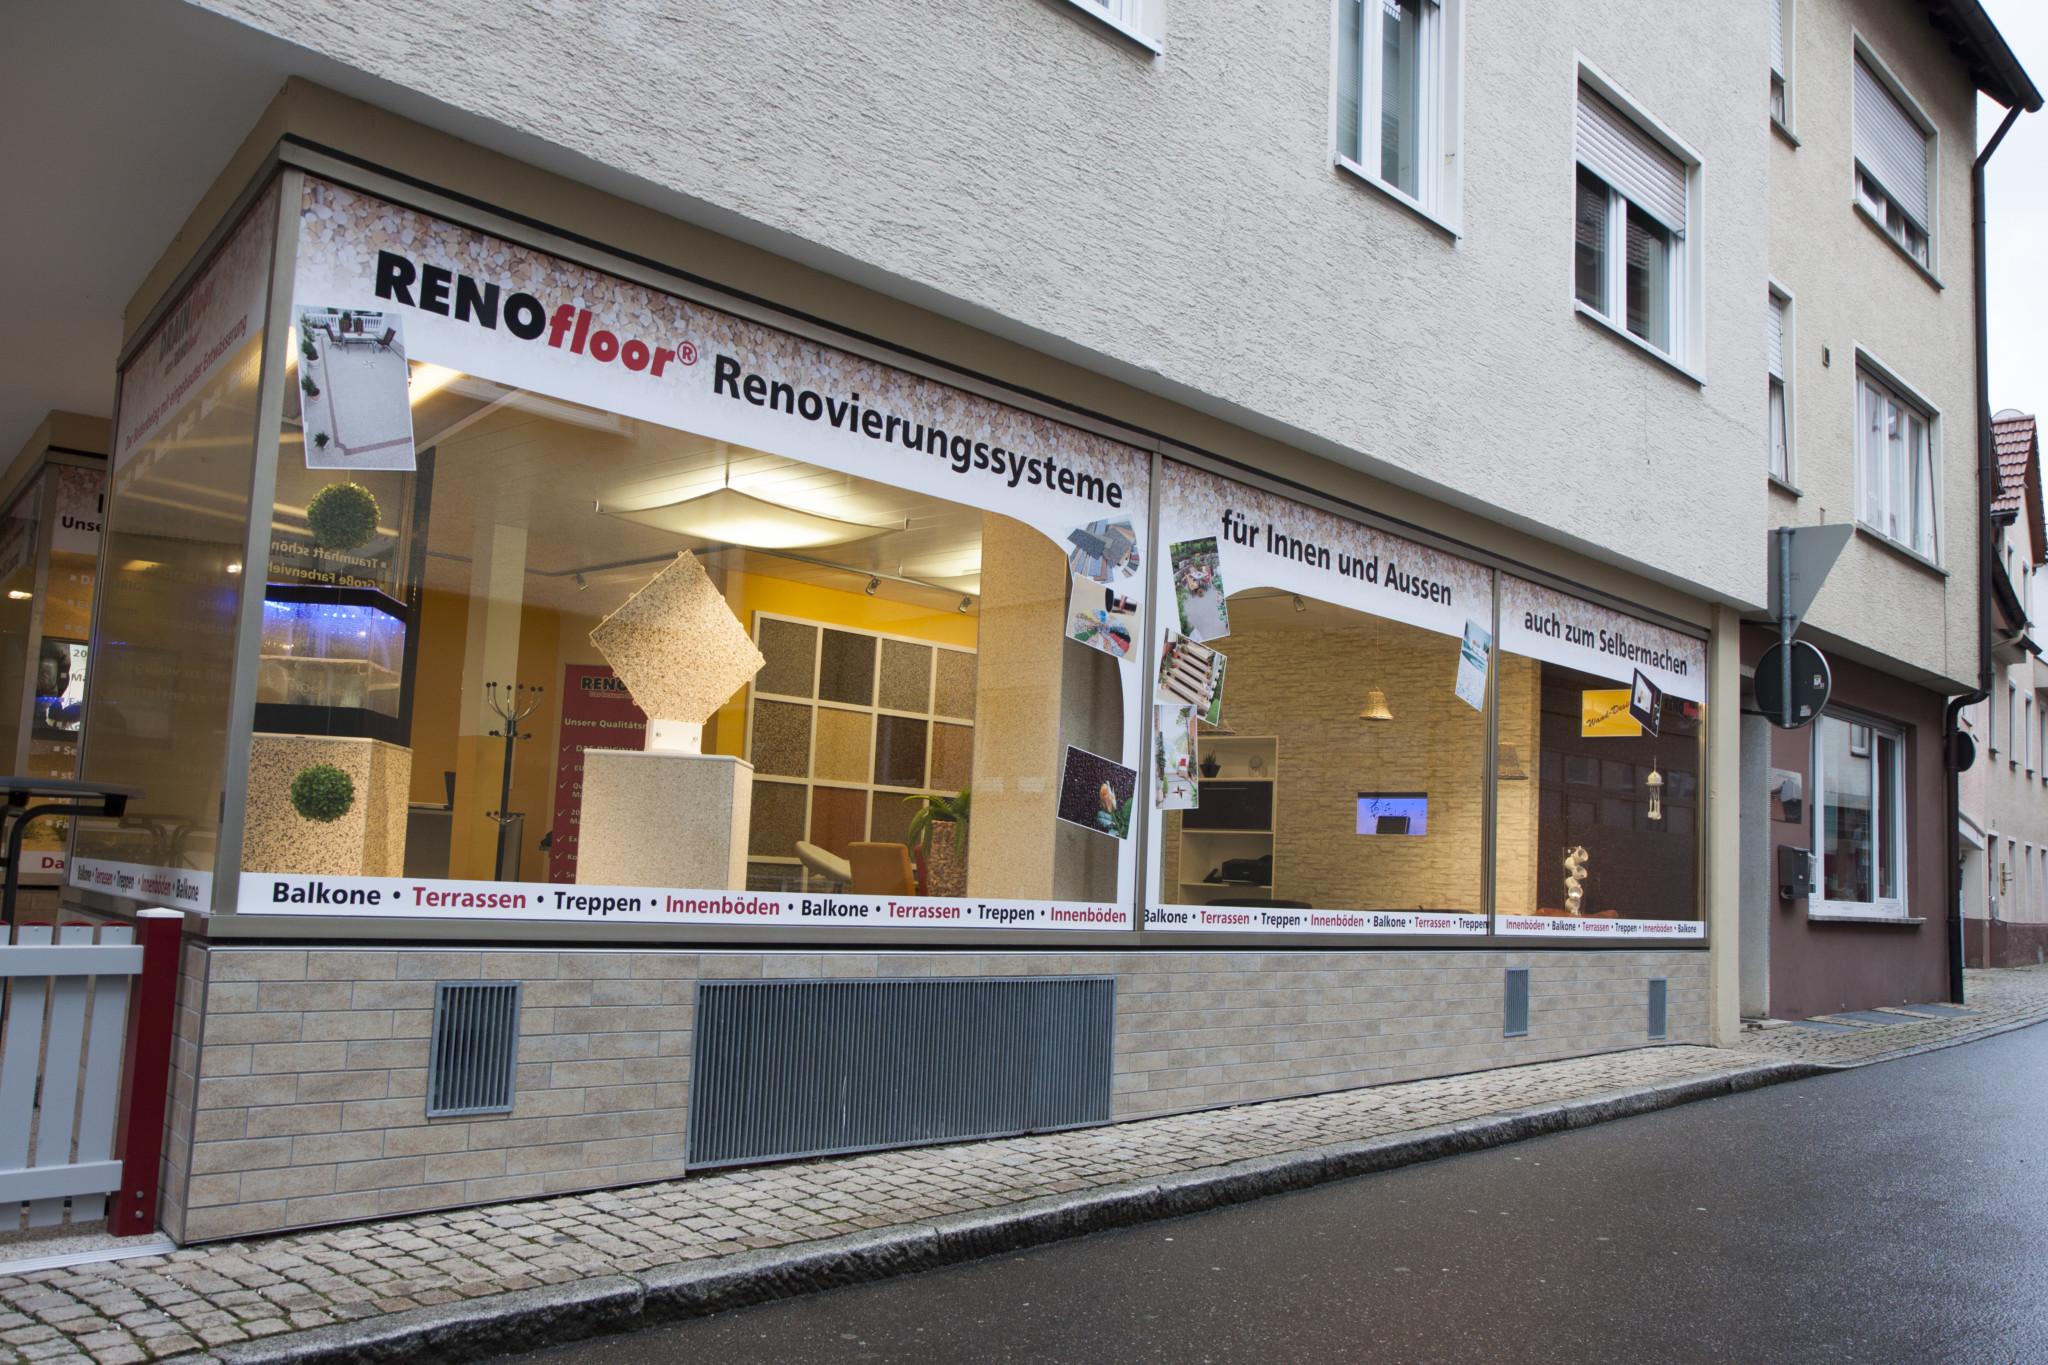 RENOfloor Ausstellung Bad Urach